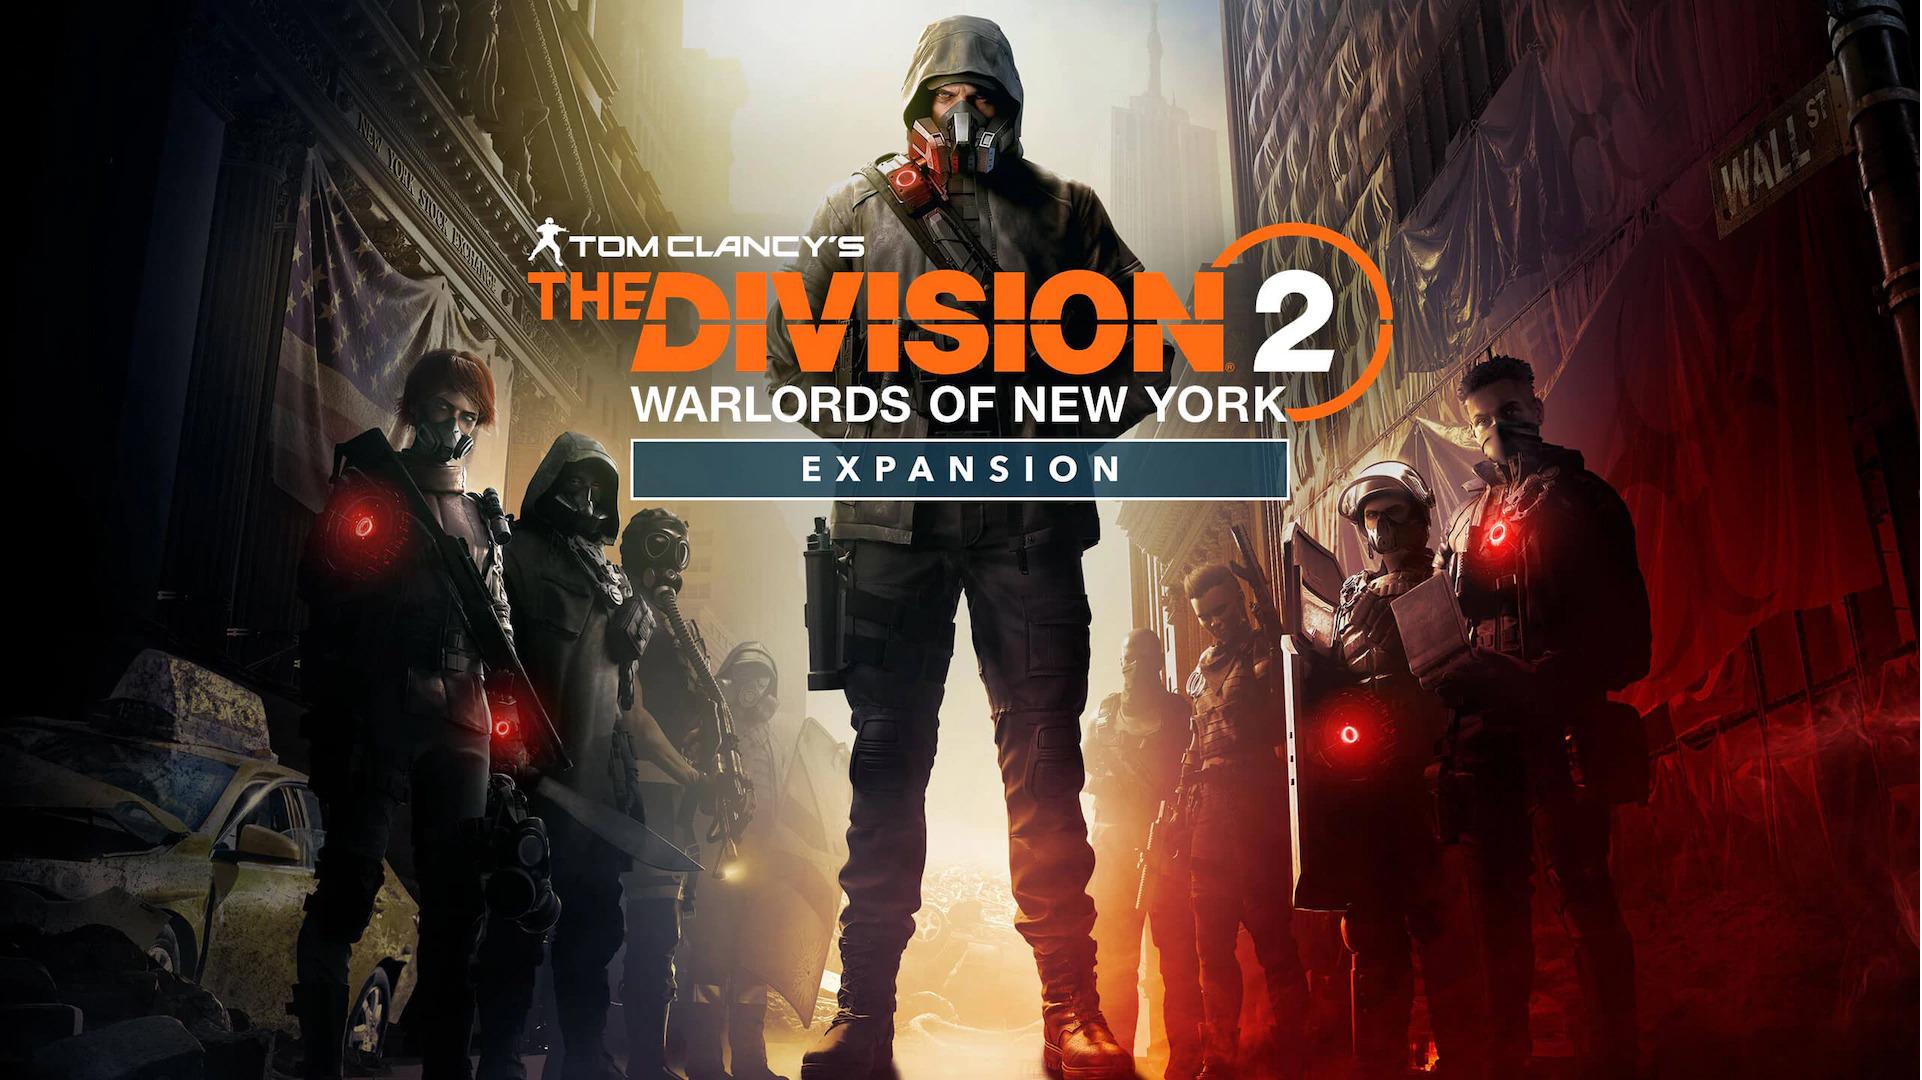 ニューヨーク 攻略 2 ディビジョン